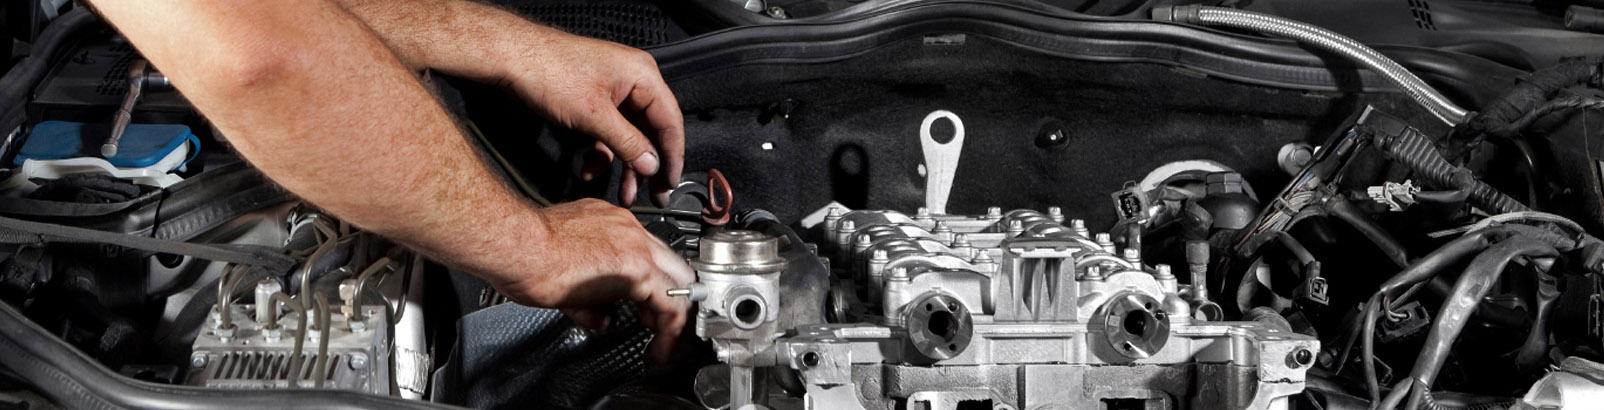 Ремонт двигателей в Чкаловске